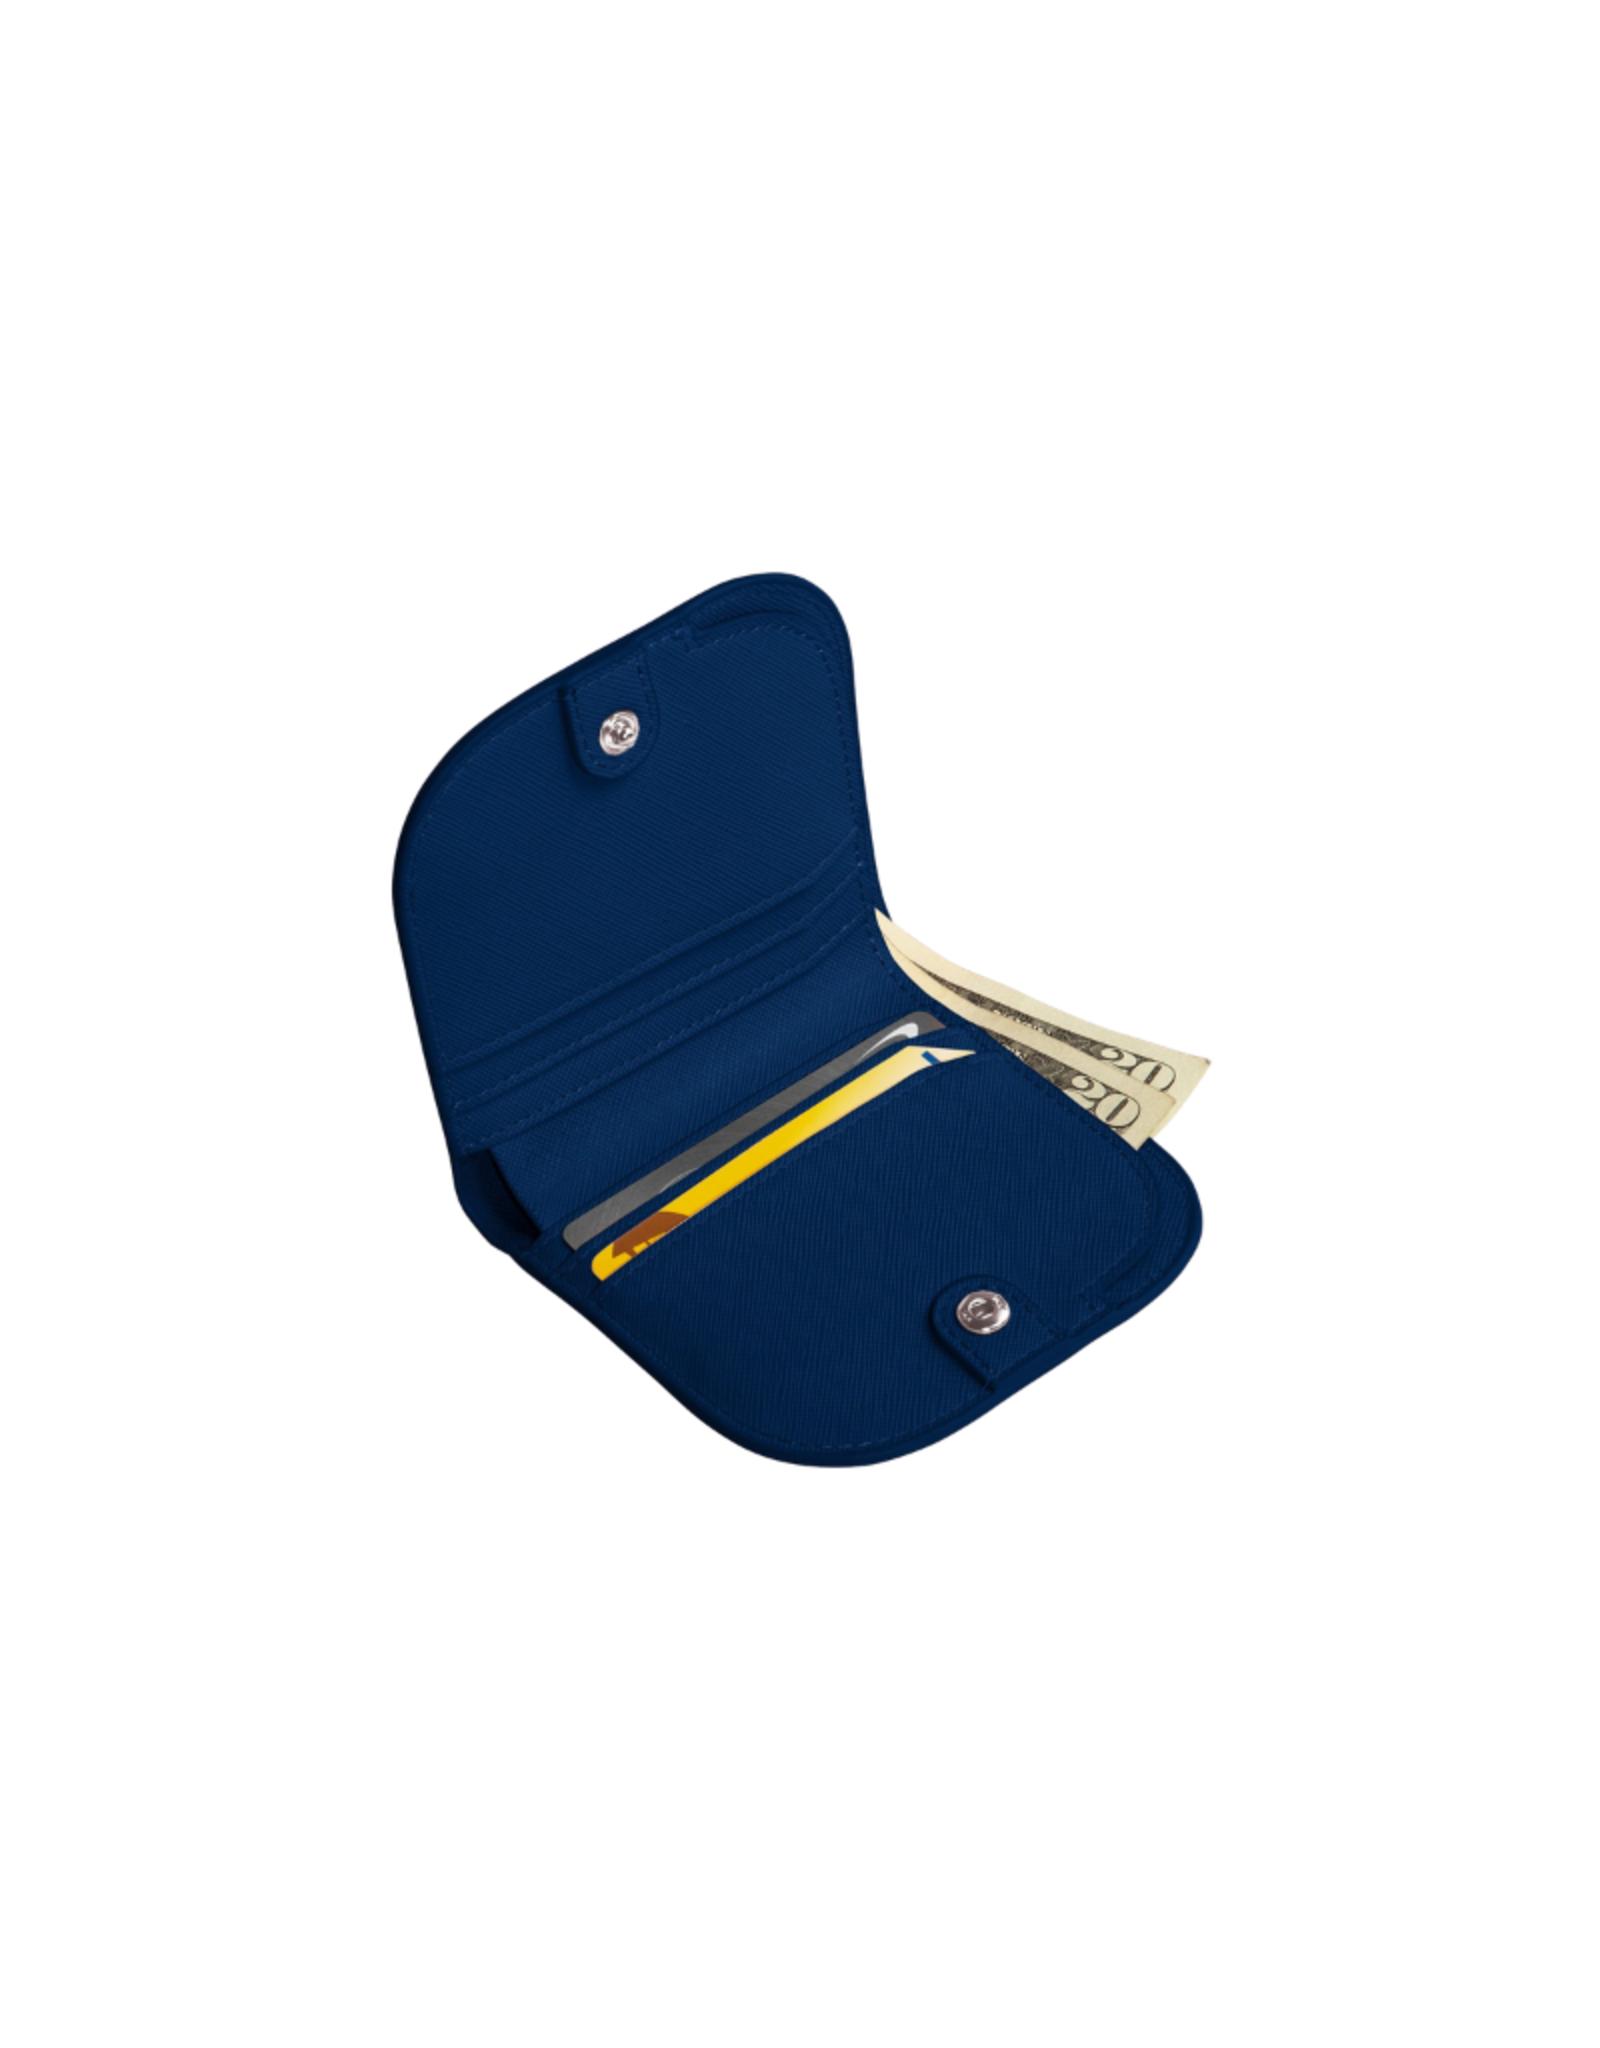 Poketo Poketo Dome Wallet Blue